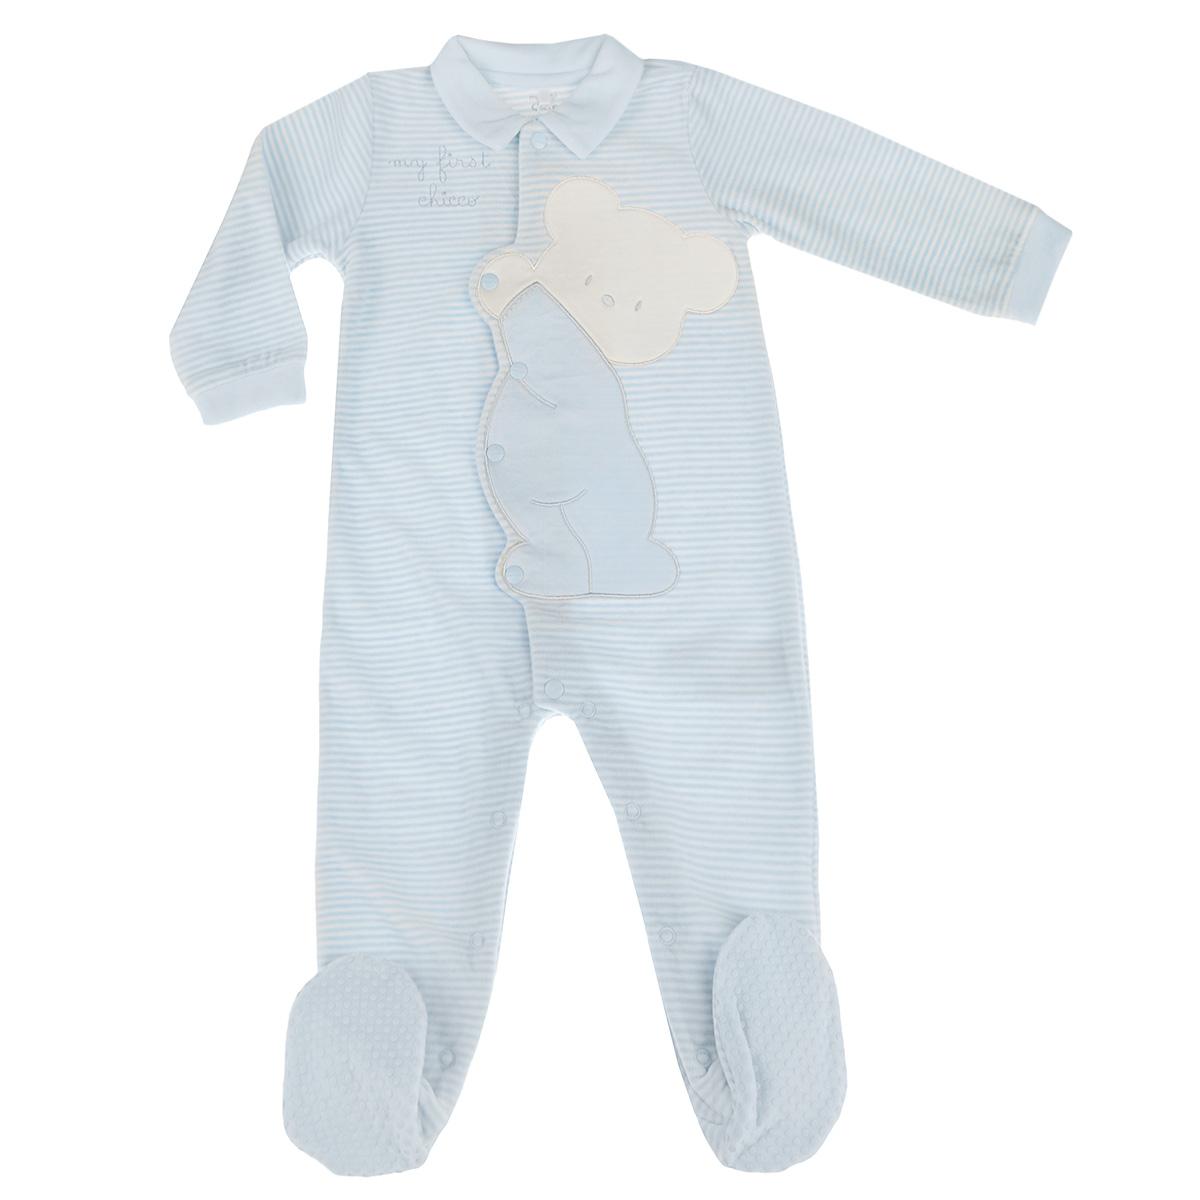 Комбинезон детский. 9020870090208700Очаровательный детский комбинезон Chicco - очень удобный и практичный вид одежды для малышей. Изготовленный из хлопка с добавлением полиэстера, он необычайно мягкий и приятный на ощупь, не раздражает нежную кожу ребенка и хорошо вентилируется, а эластичные швы приятны телу ребенка и не препятствуют его движениям. Велюровый комбинезон с длинными рукавами, отложным воротничком и закрытыми ножками застегивается спереди на металлические застежки-кнопки от горловины до щиколоток, что помогает легко переодеть младенца или сменить подгузник. Края рукавов дополнены эластичными манжетами. Пяточки присборены на тонкие эластичные резинки. На стопах предусмотрены прорезиненные вставки, предотвращающие скольжение. Оформлен комбинезон принтом в полоску, а также очаровательной крупной аппликацией. С этим детским комбинезоном спинка и ножки вашего ребенка всегда будут в тепле. Комбинезон полностью соответствует особенностям жизни младенца в ранний период, не стесняя и не ограничивая его...